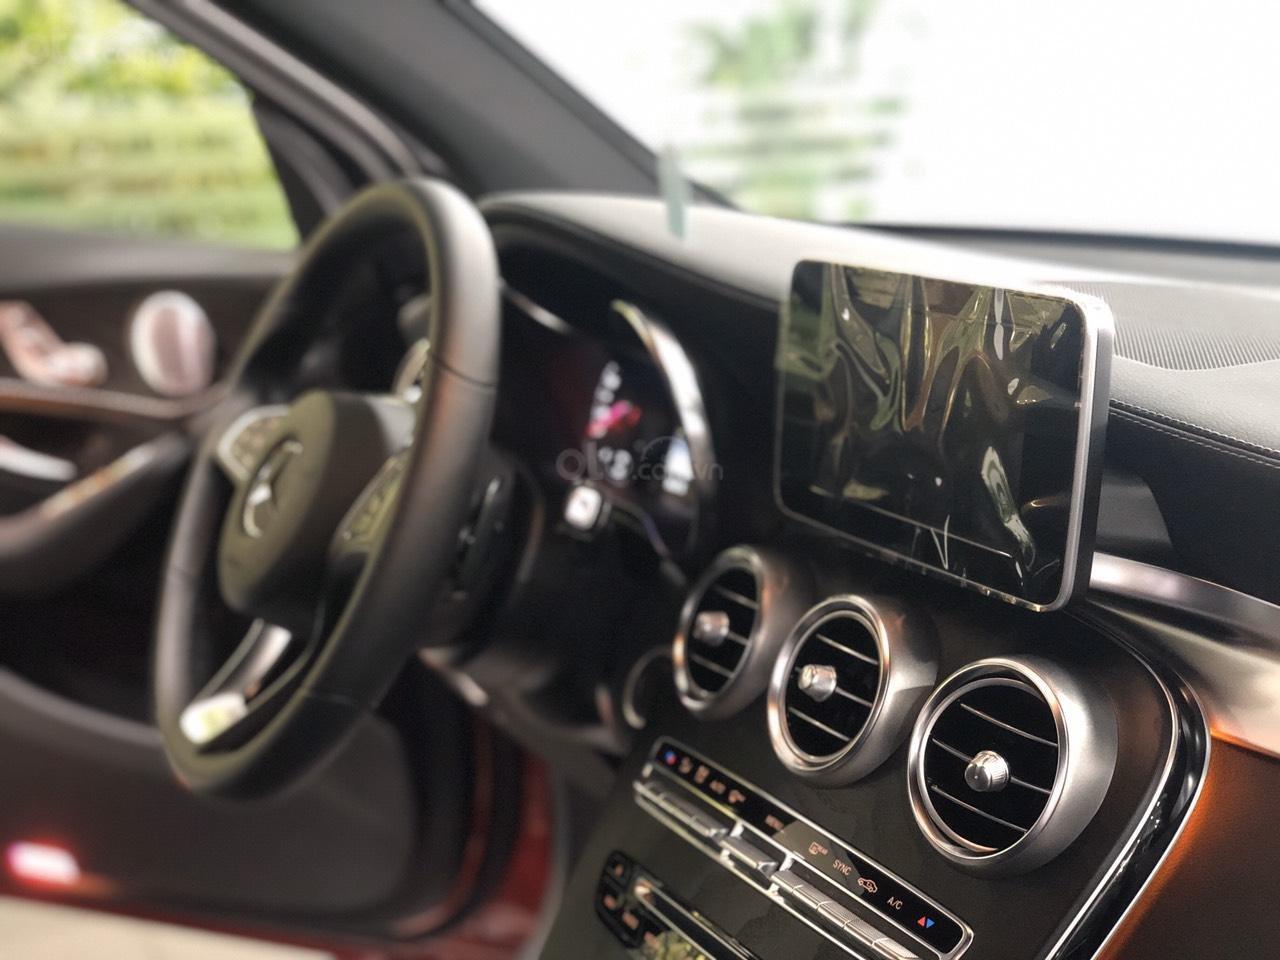 Cần bán nhanh chiếc Mercedes GLC - Class 300 AMG, năm 2019 - Có sẵn xe - Giao nhanh toàn quốc (10)